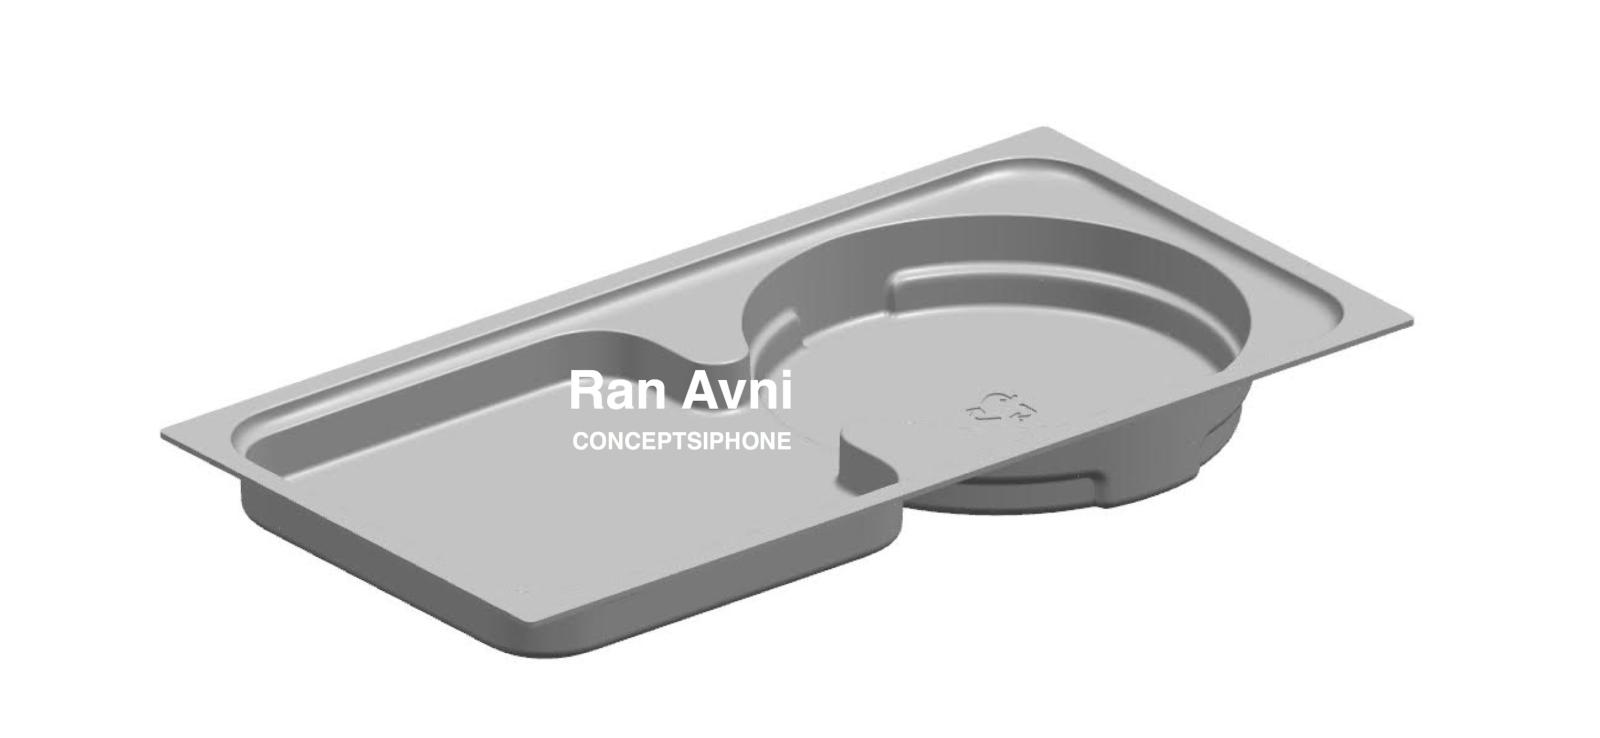 photo of Rumor: Slim iPhone 12 packaging suggests no charging brick or EarPods? image